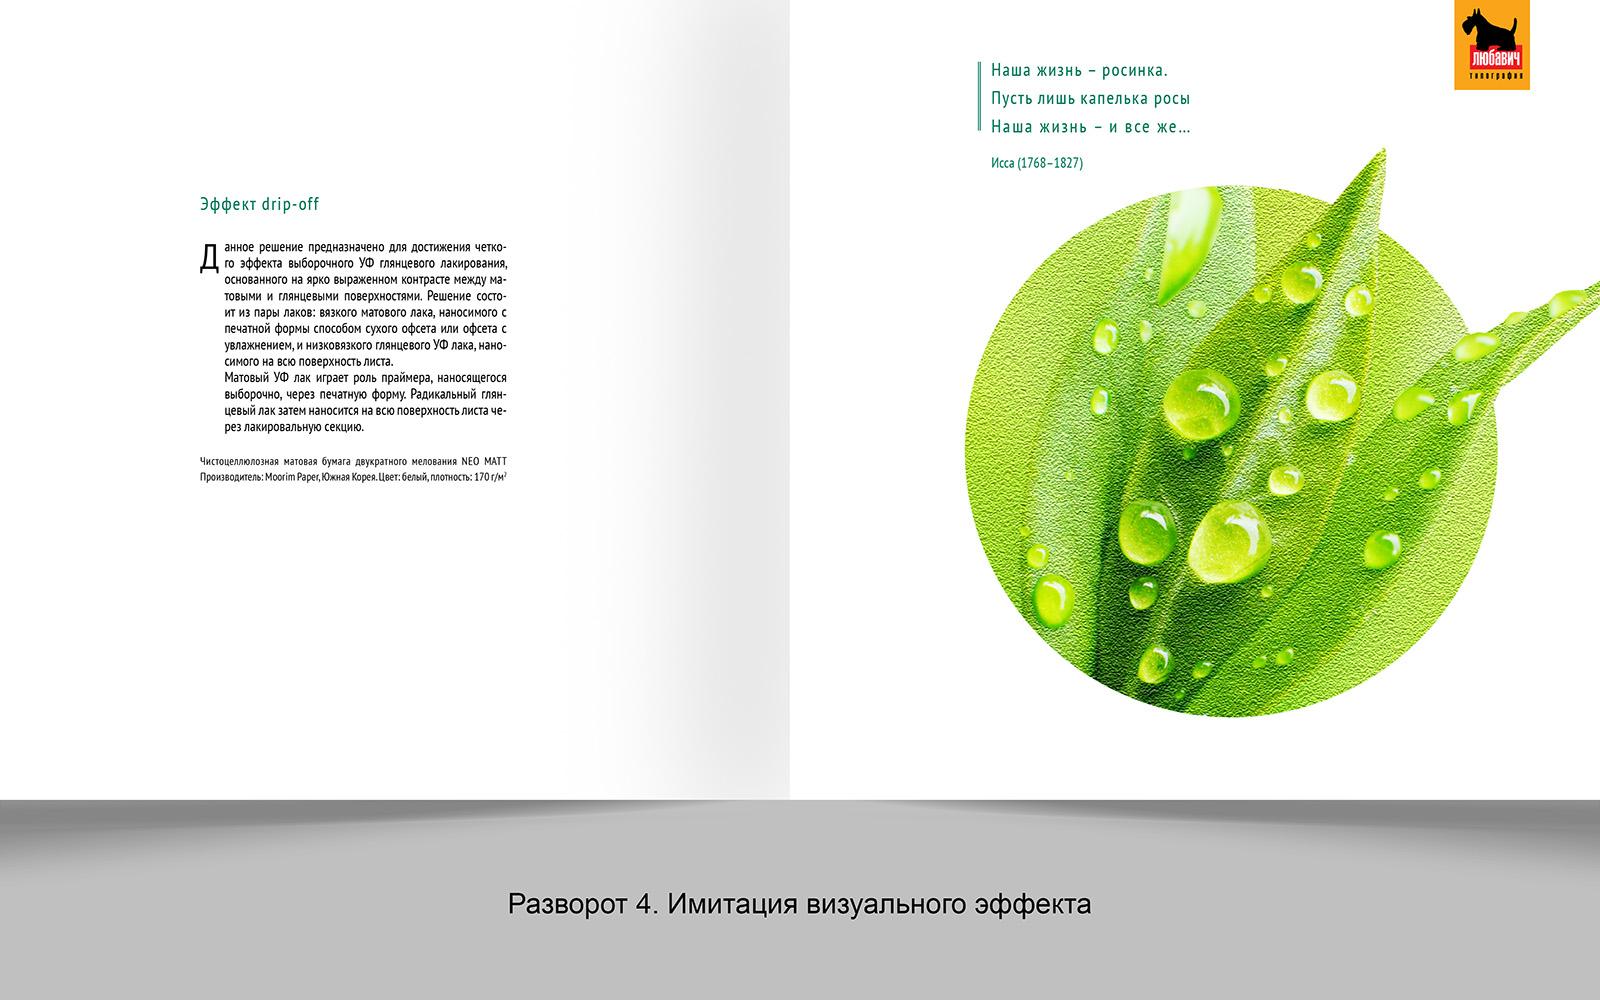 Дизайн рекламной брошюры возможностей типографии фото f_9455648d4f448f15.jpg